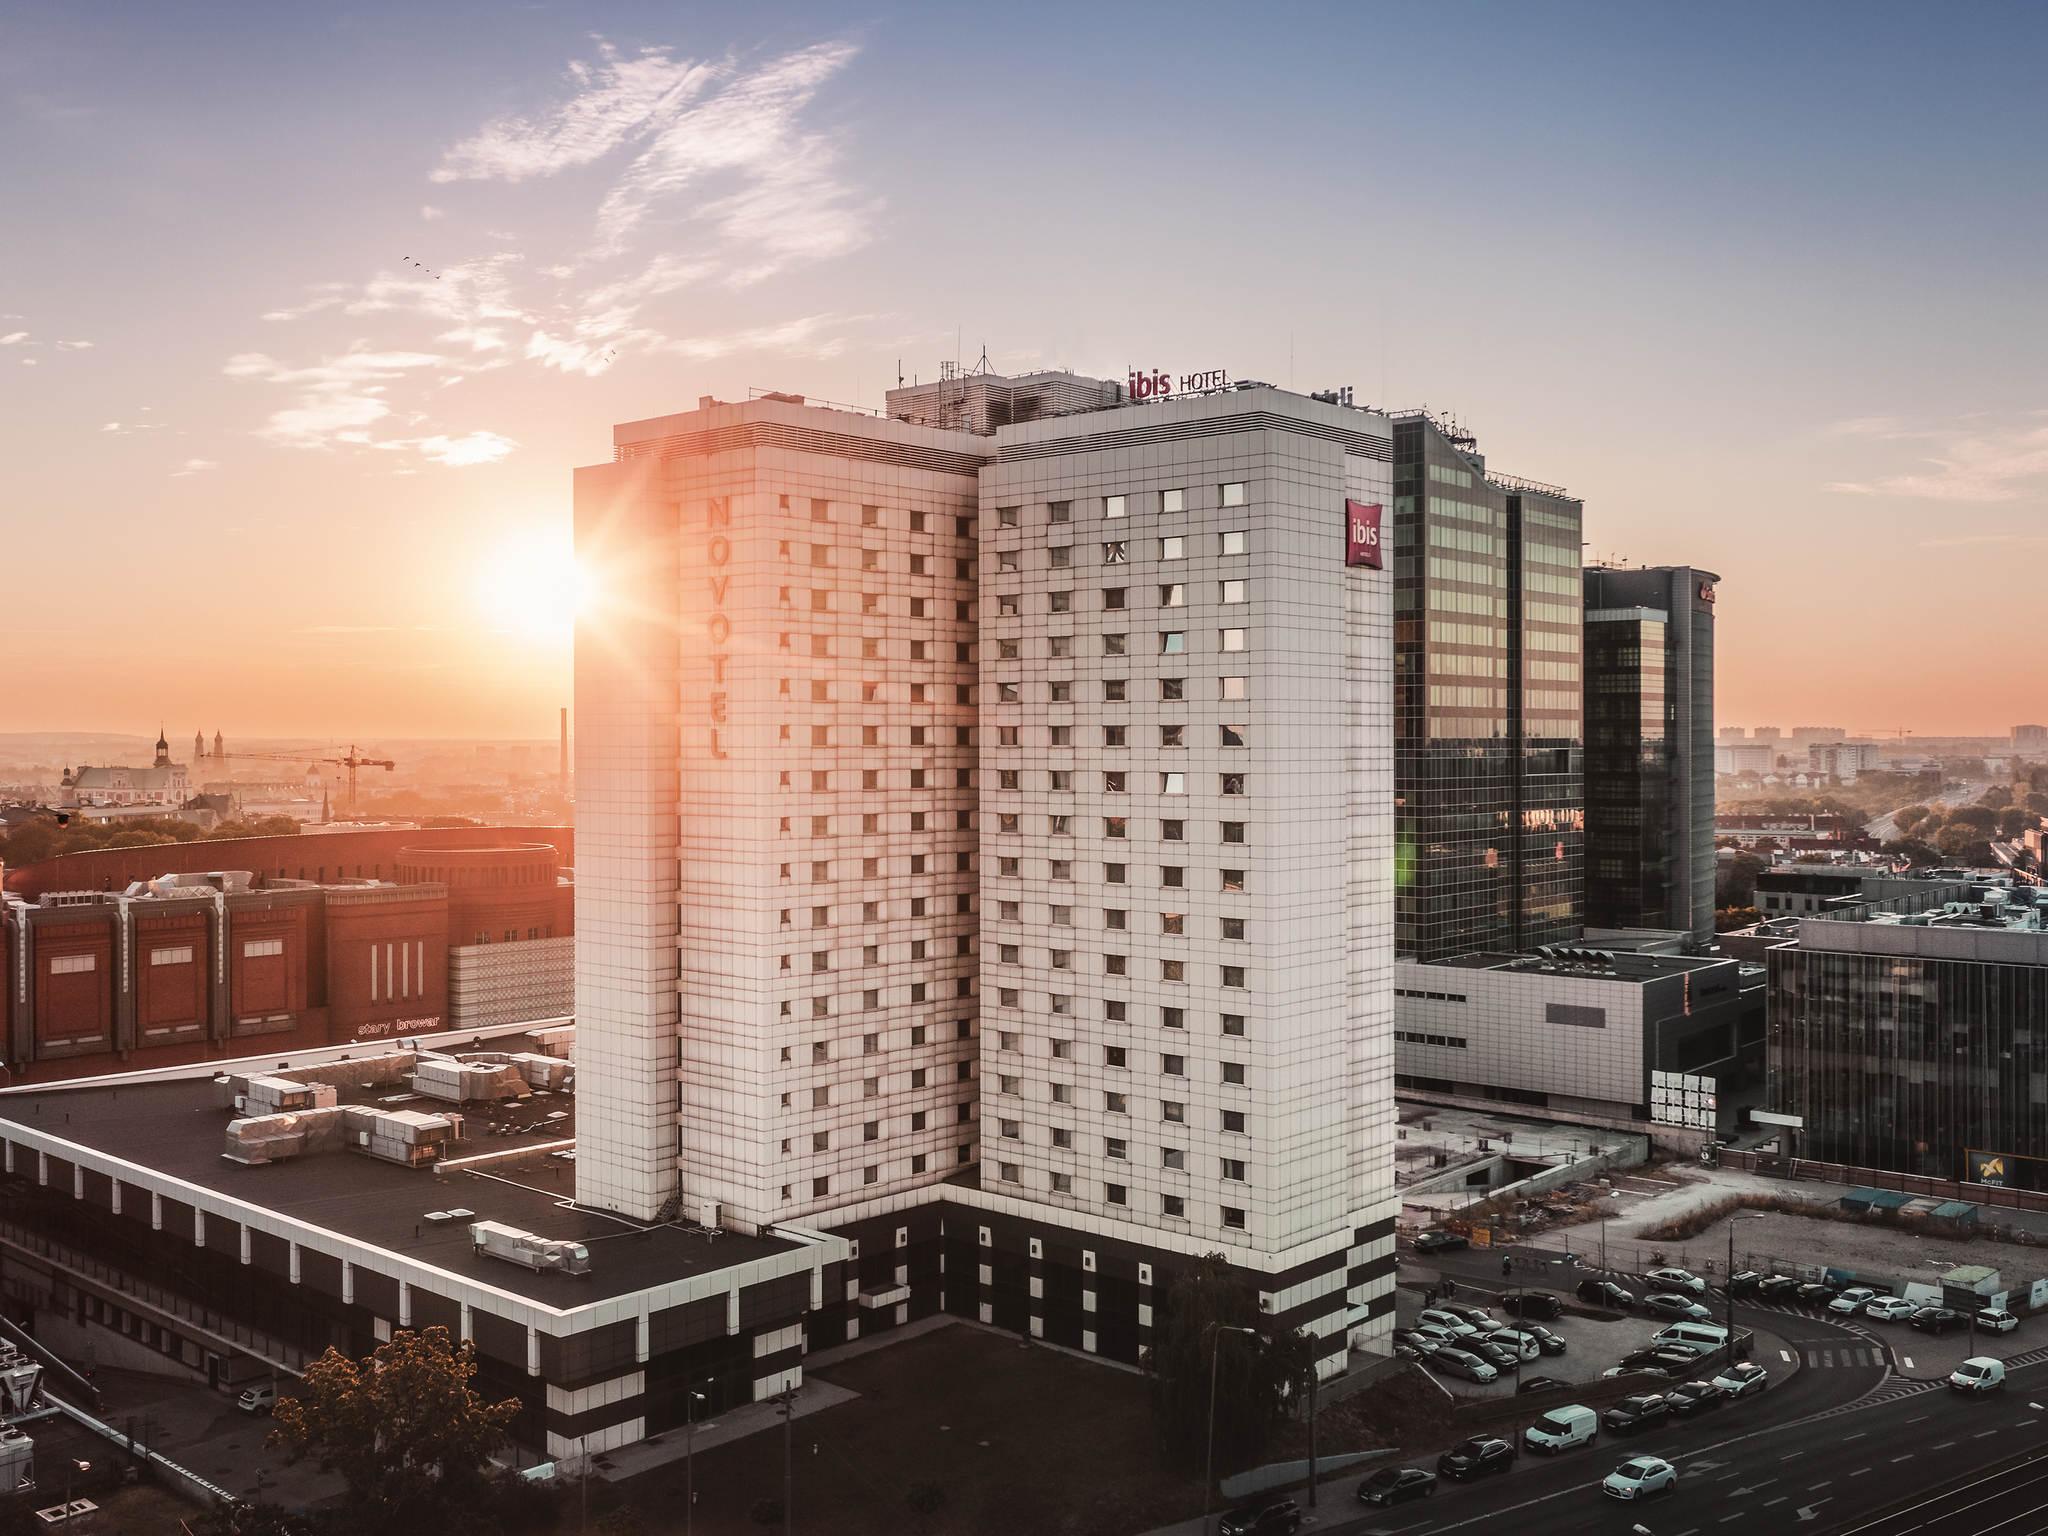 Hotel – ibis Poznan Centrum (apertura prevista a gennaio 2019)